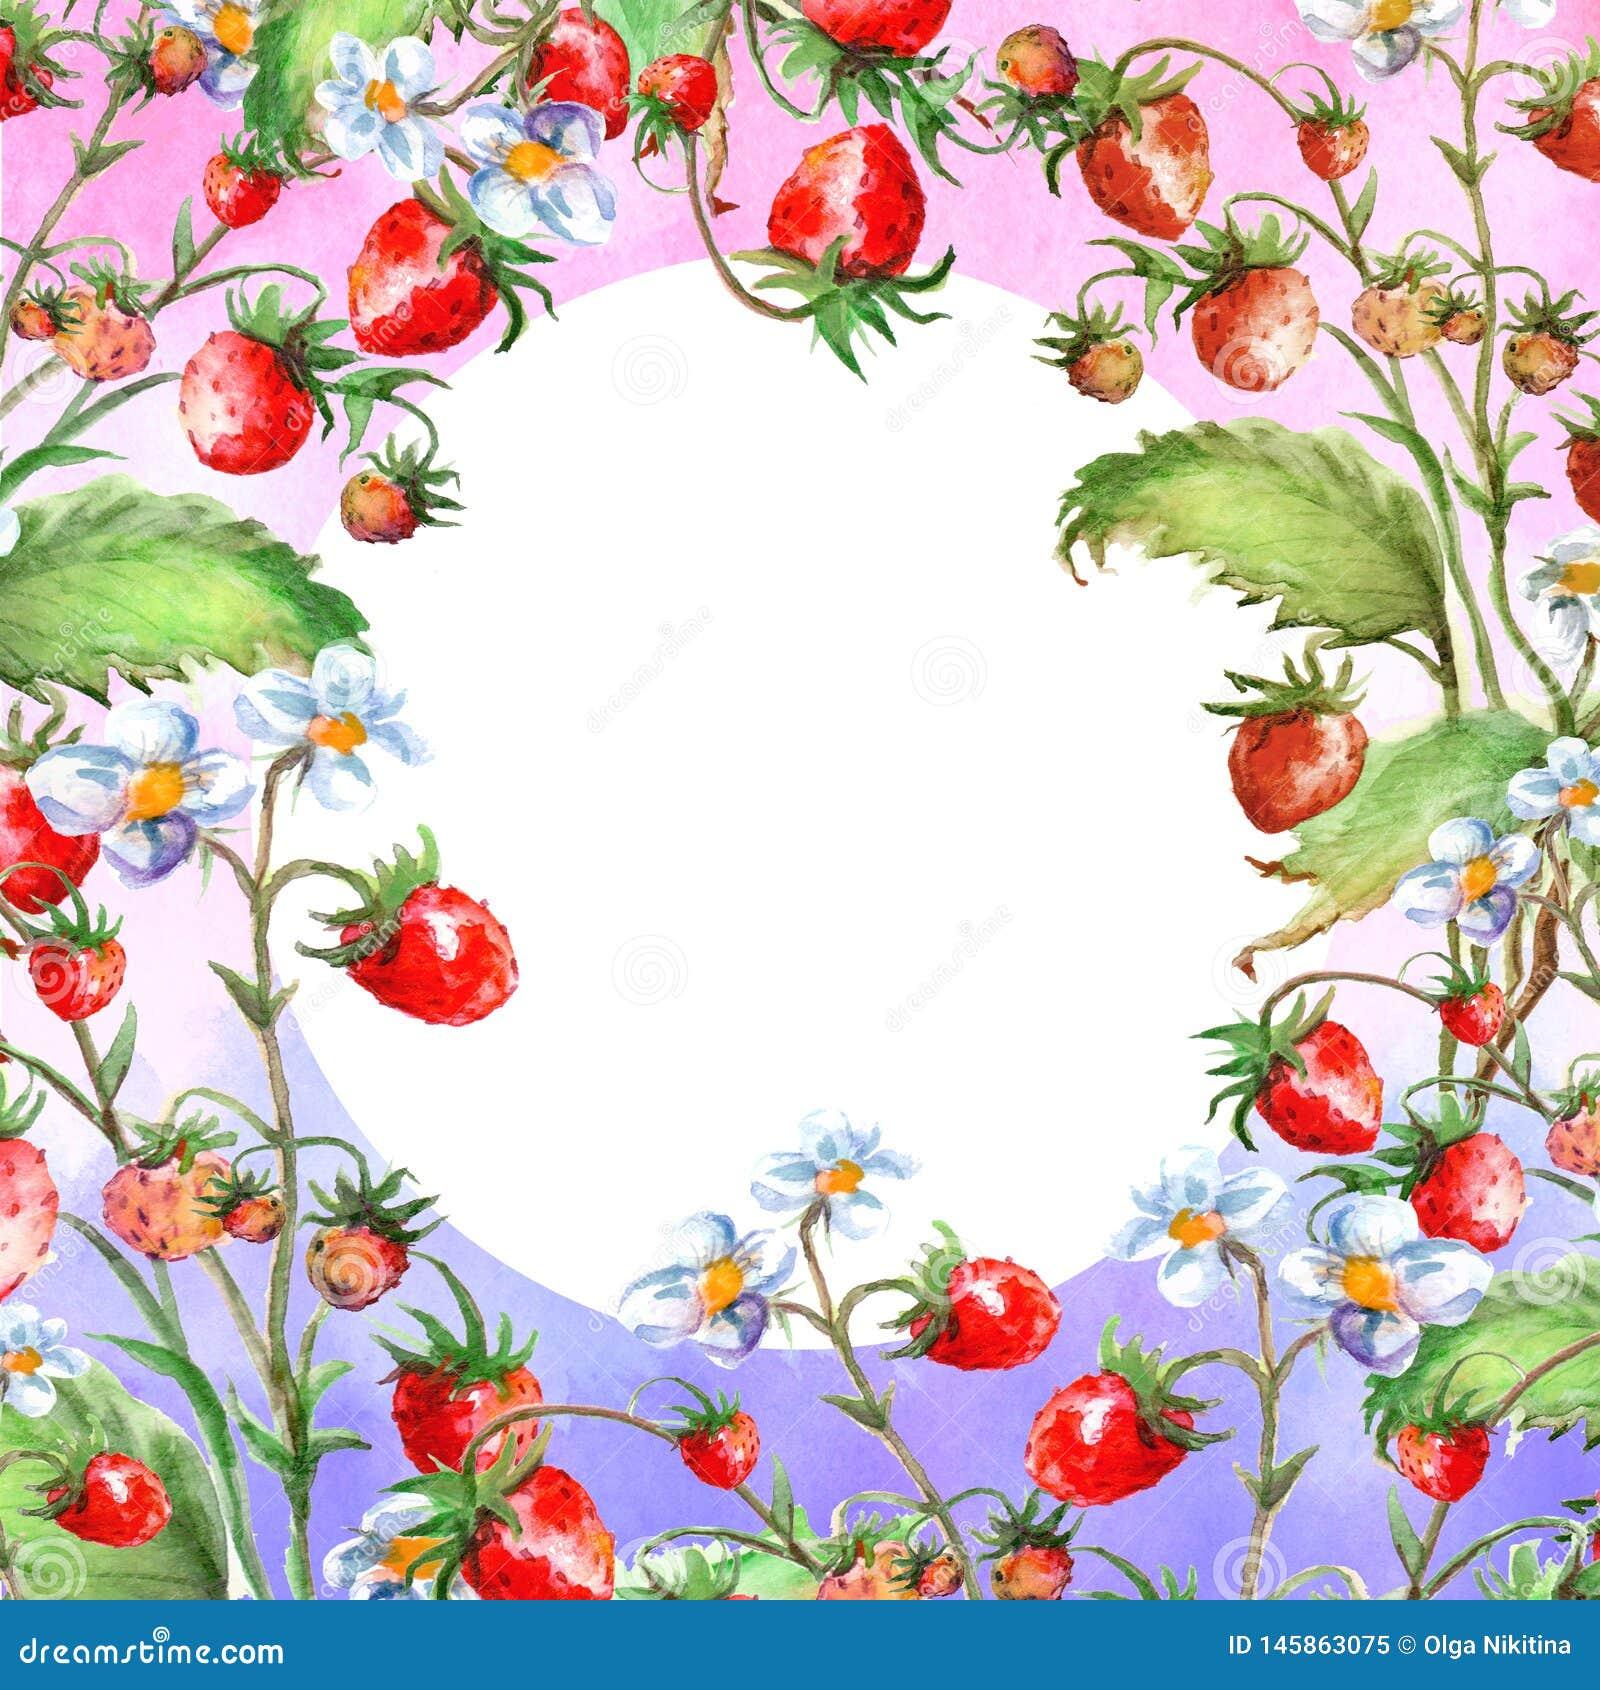 Aquarellgru?karte, Einladung mit einer Betriebserdbeere Bl?hender Busch mit einer roten Beere und einer Blume